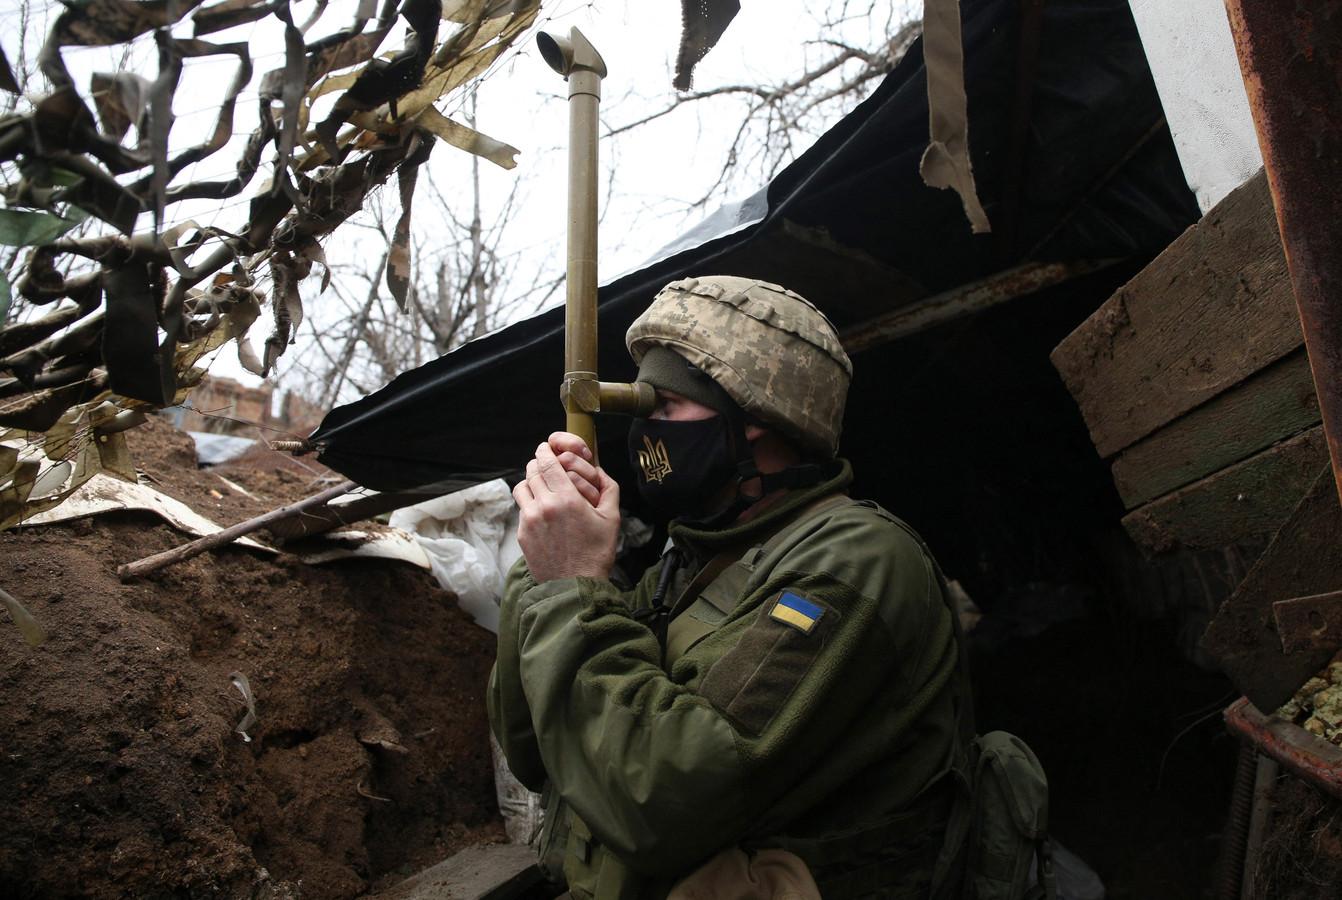 Een Oekraïense soldaat op wacht aan de frontlinie in Oost-Oekraïne.